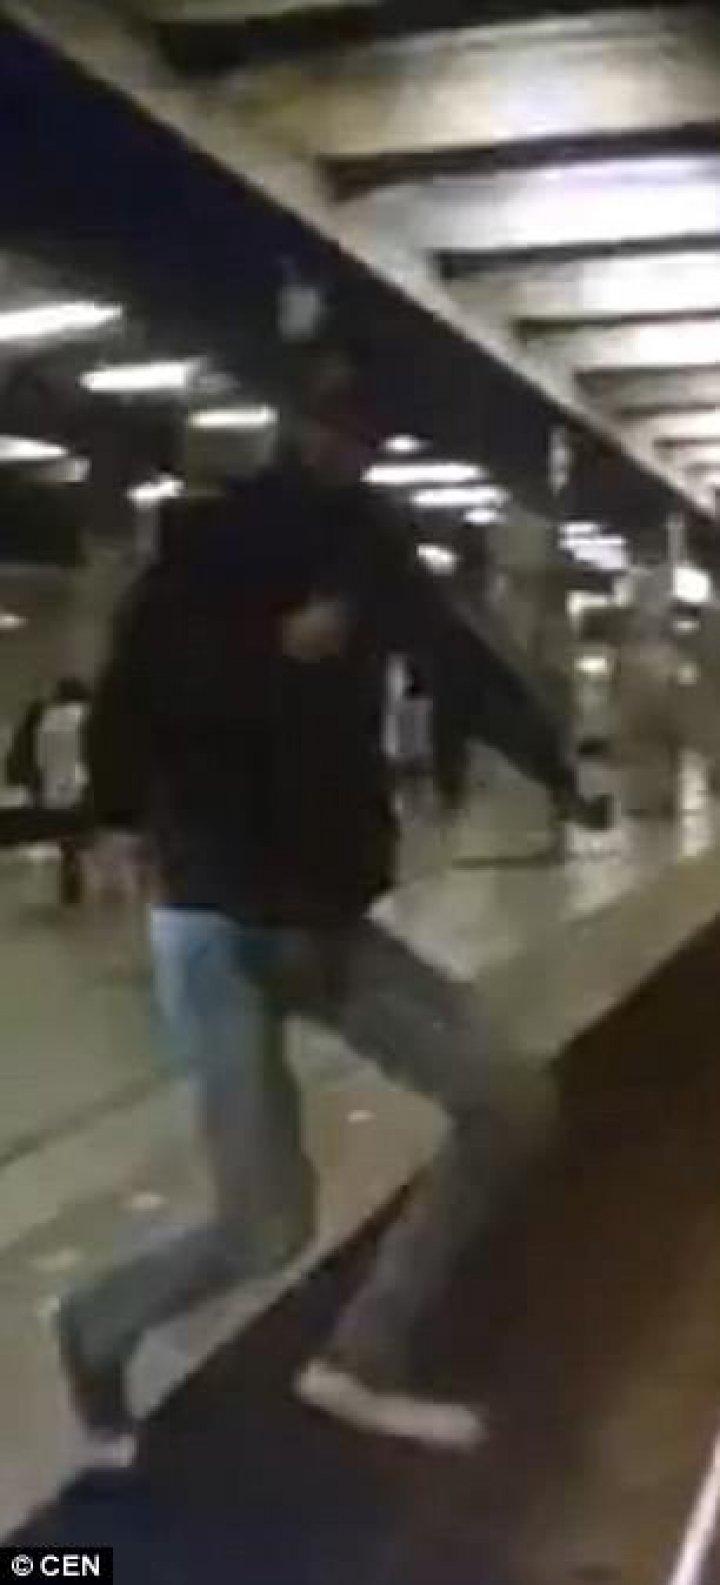 IMAGINI CU PUTERNIC IMPACT EMOŢIONAL! Momentul în care un tânăr SARE în fața metroului. MIRACOL, el trăiește